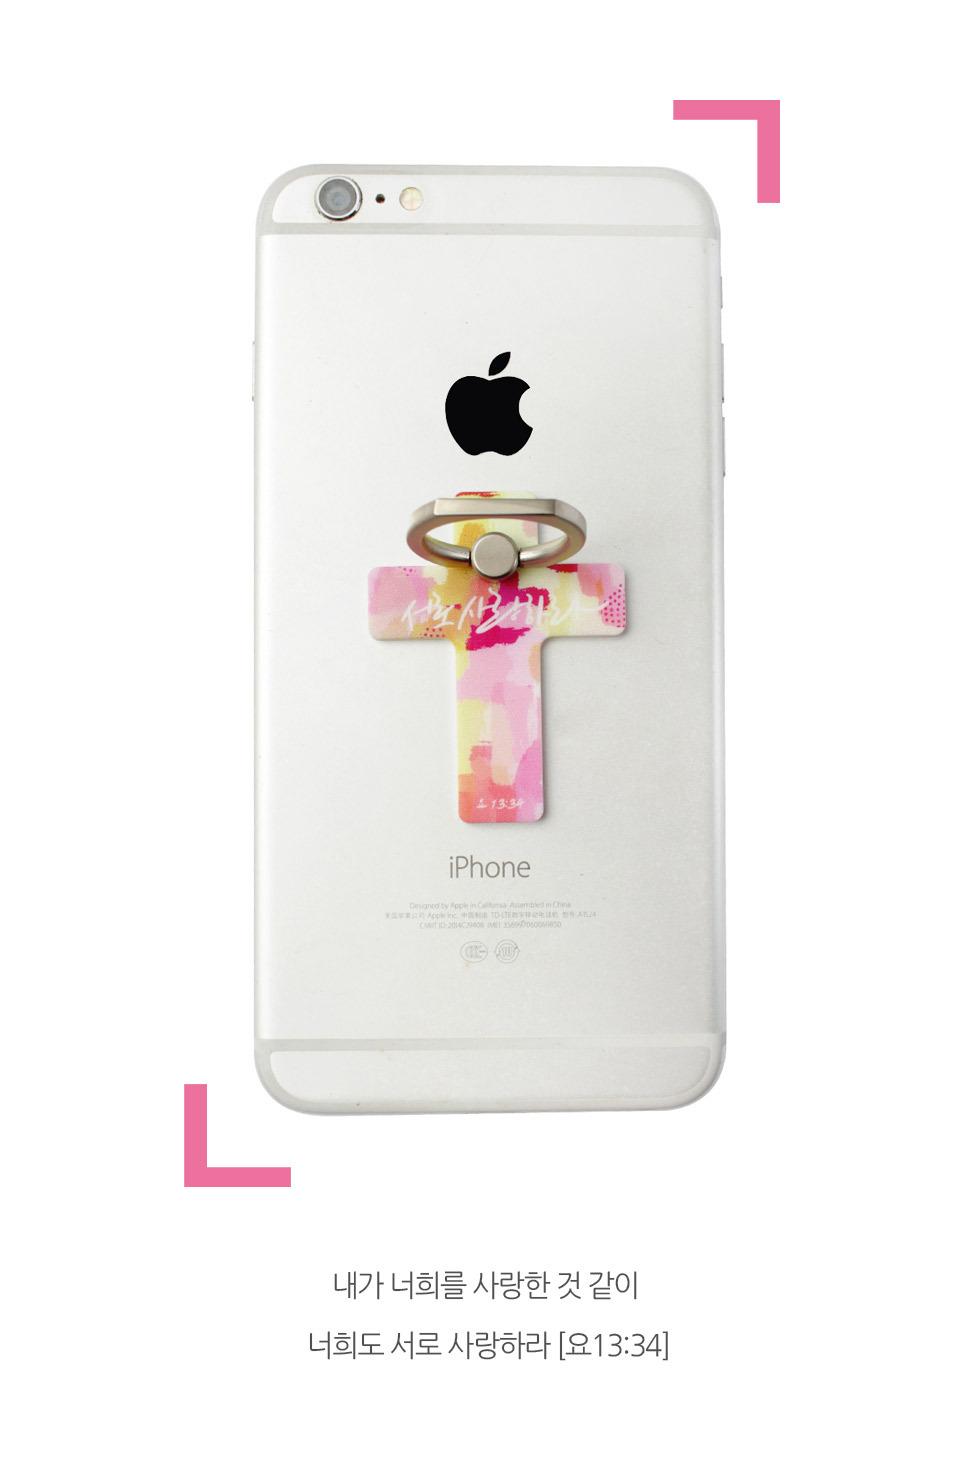 스마트폰 거치대 십자가링 3탄 제품보기3 - 핑크, 서로 사랑하라 사용예